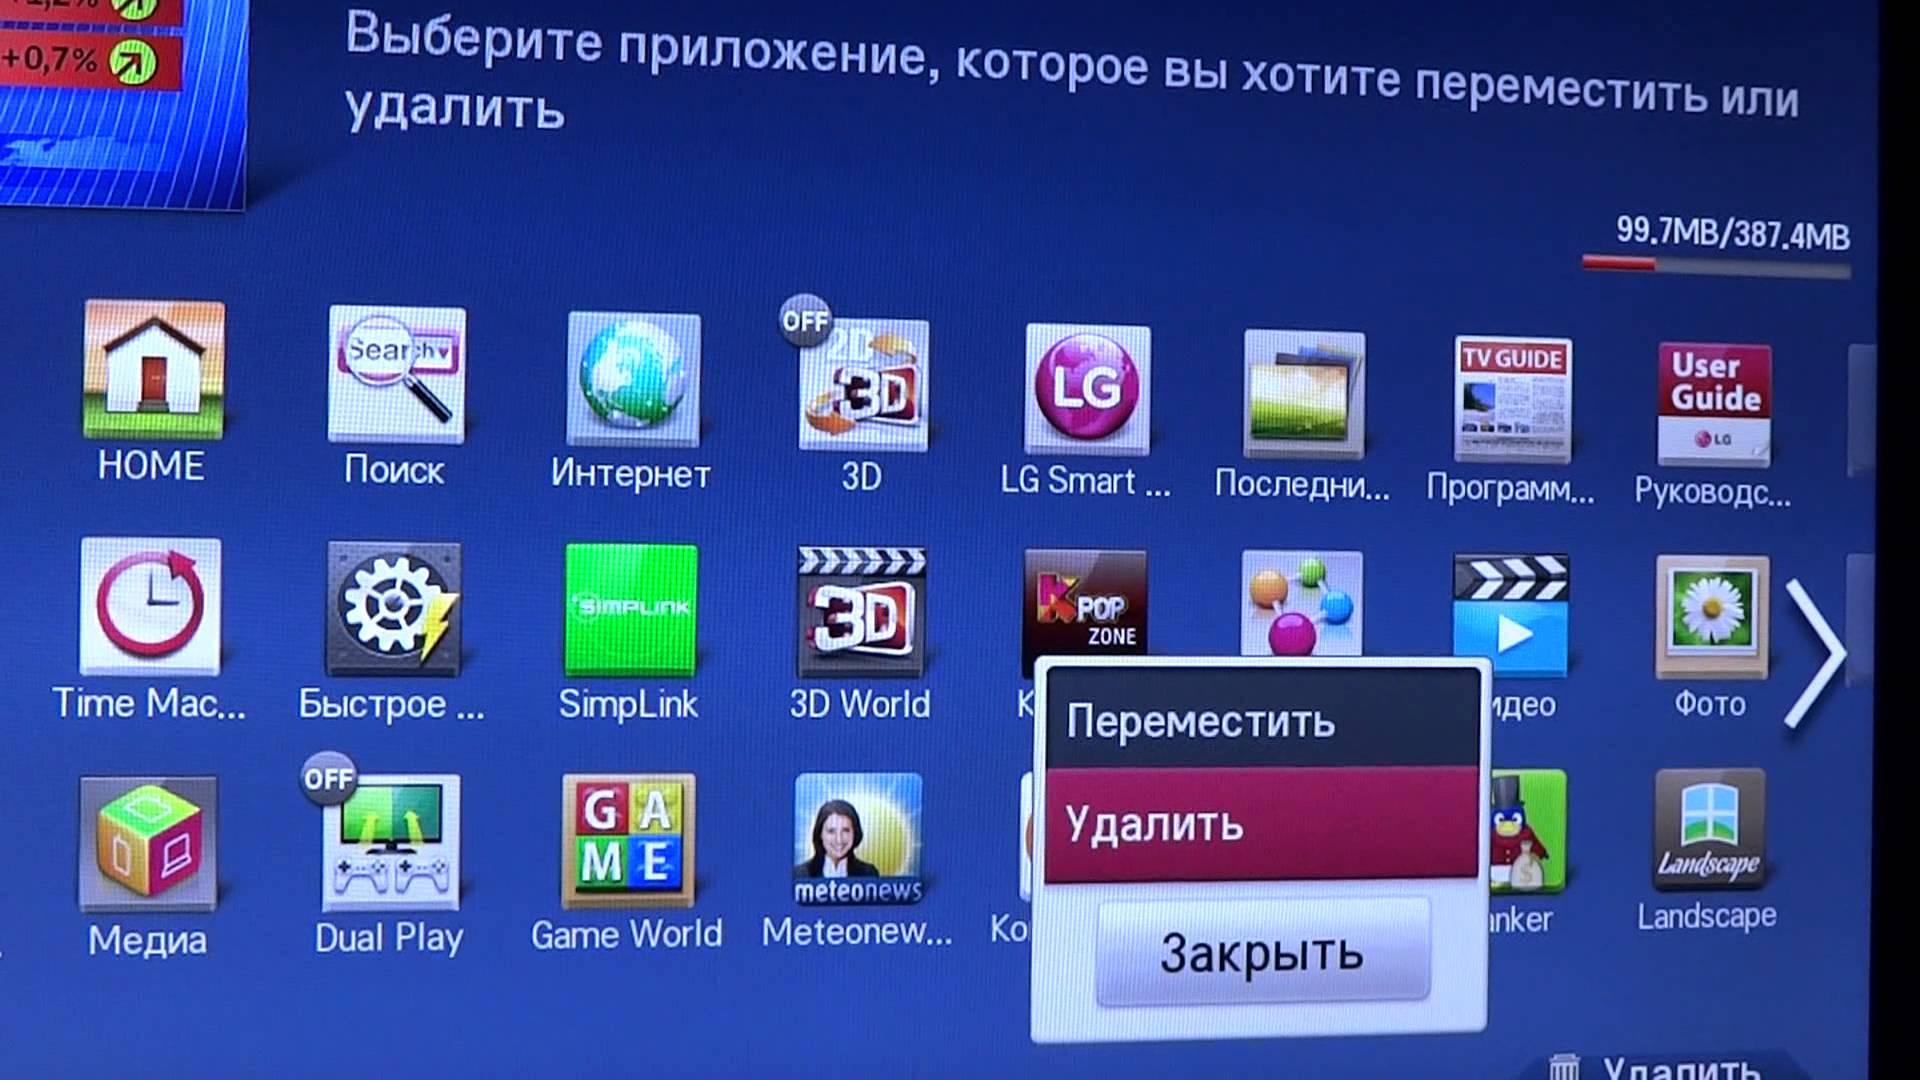 Программа для телевизора Lg